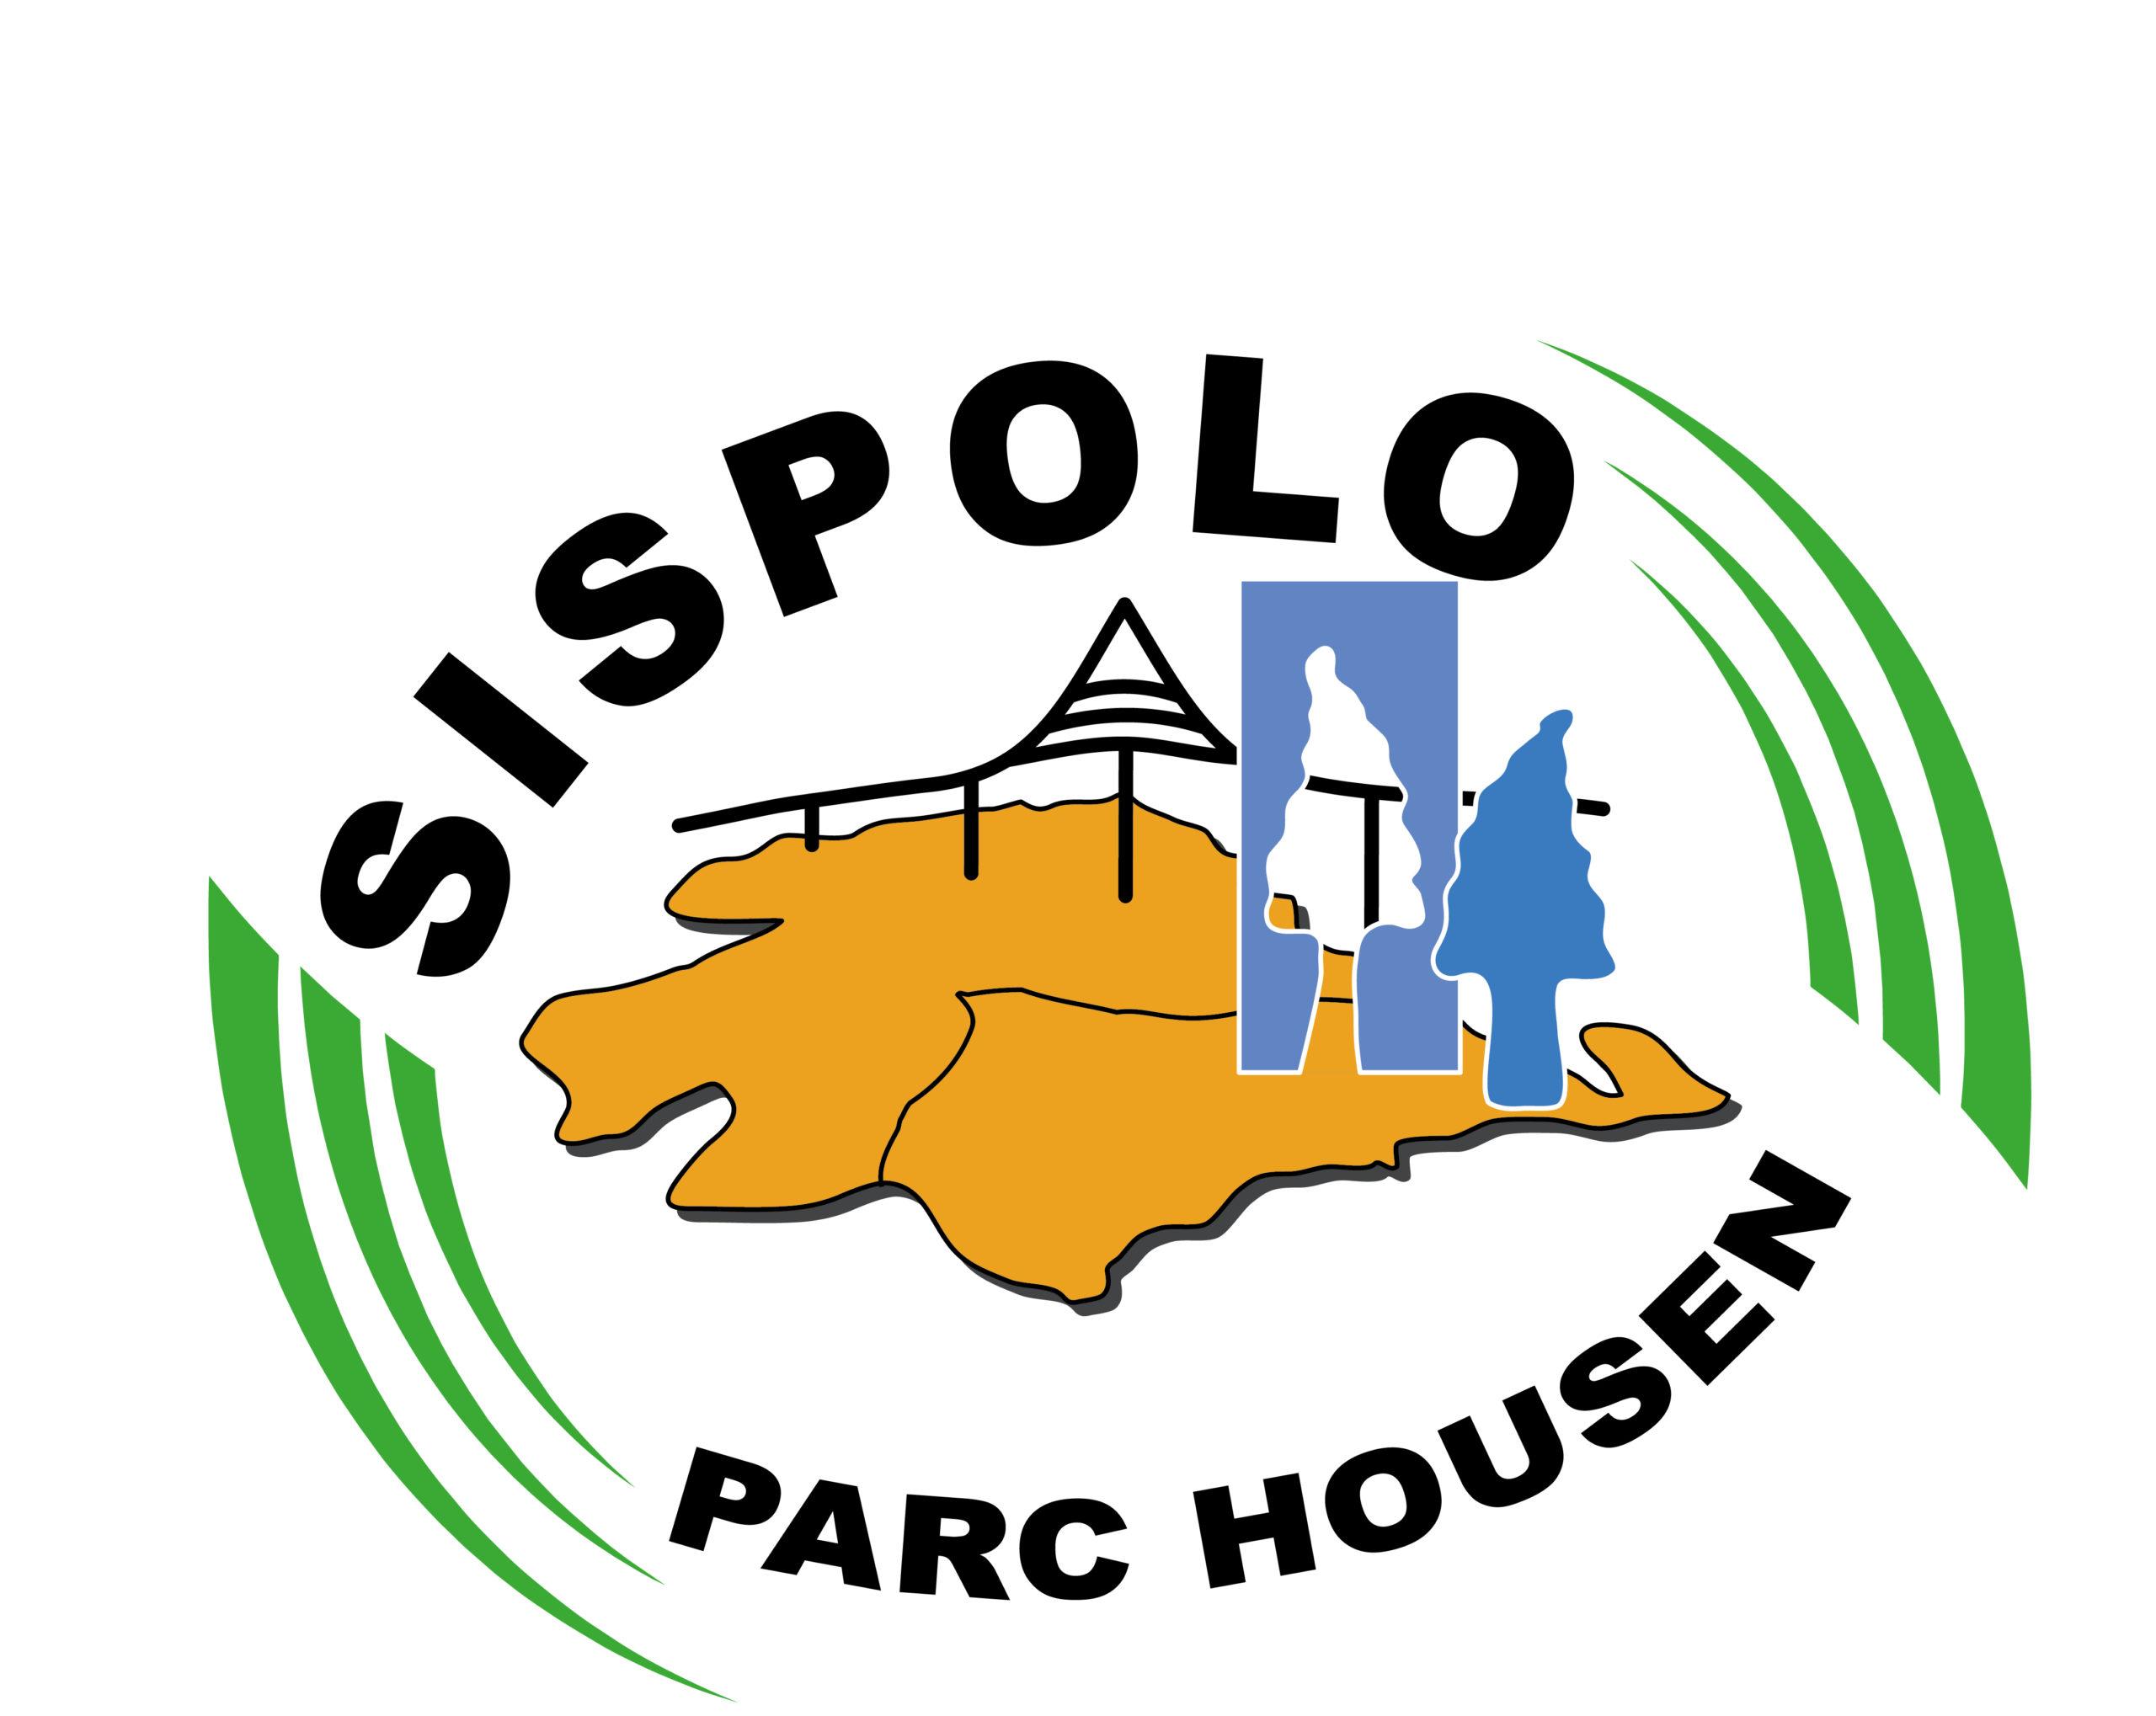 sispolo